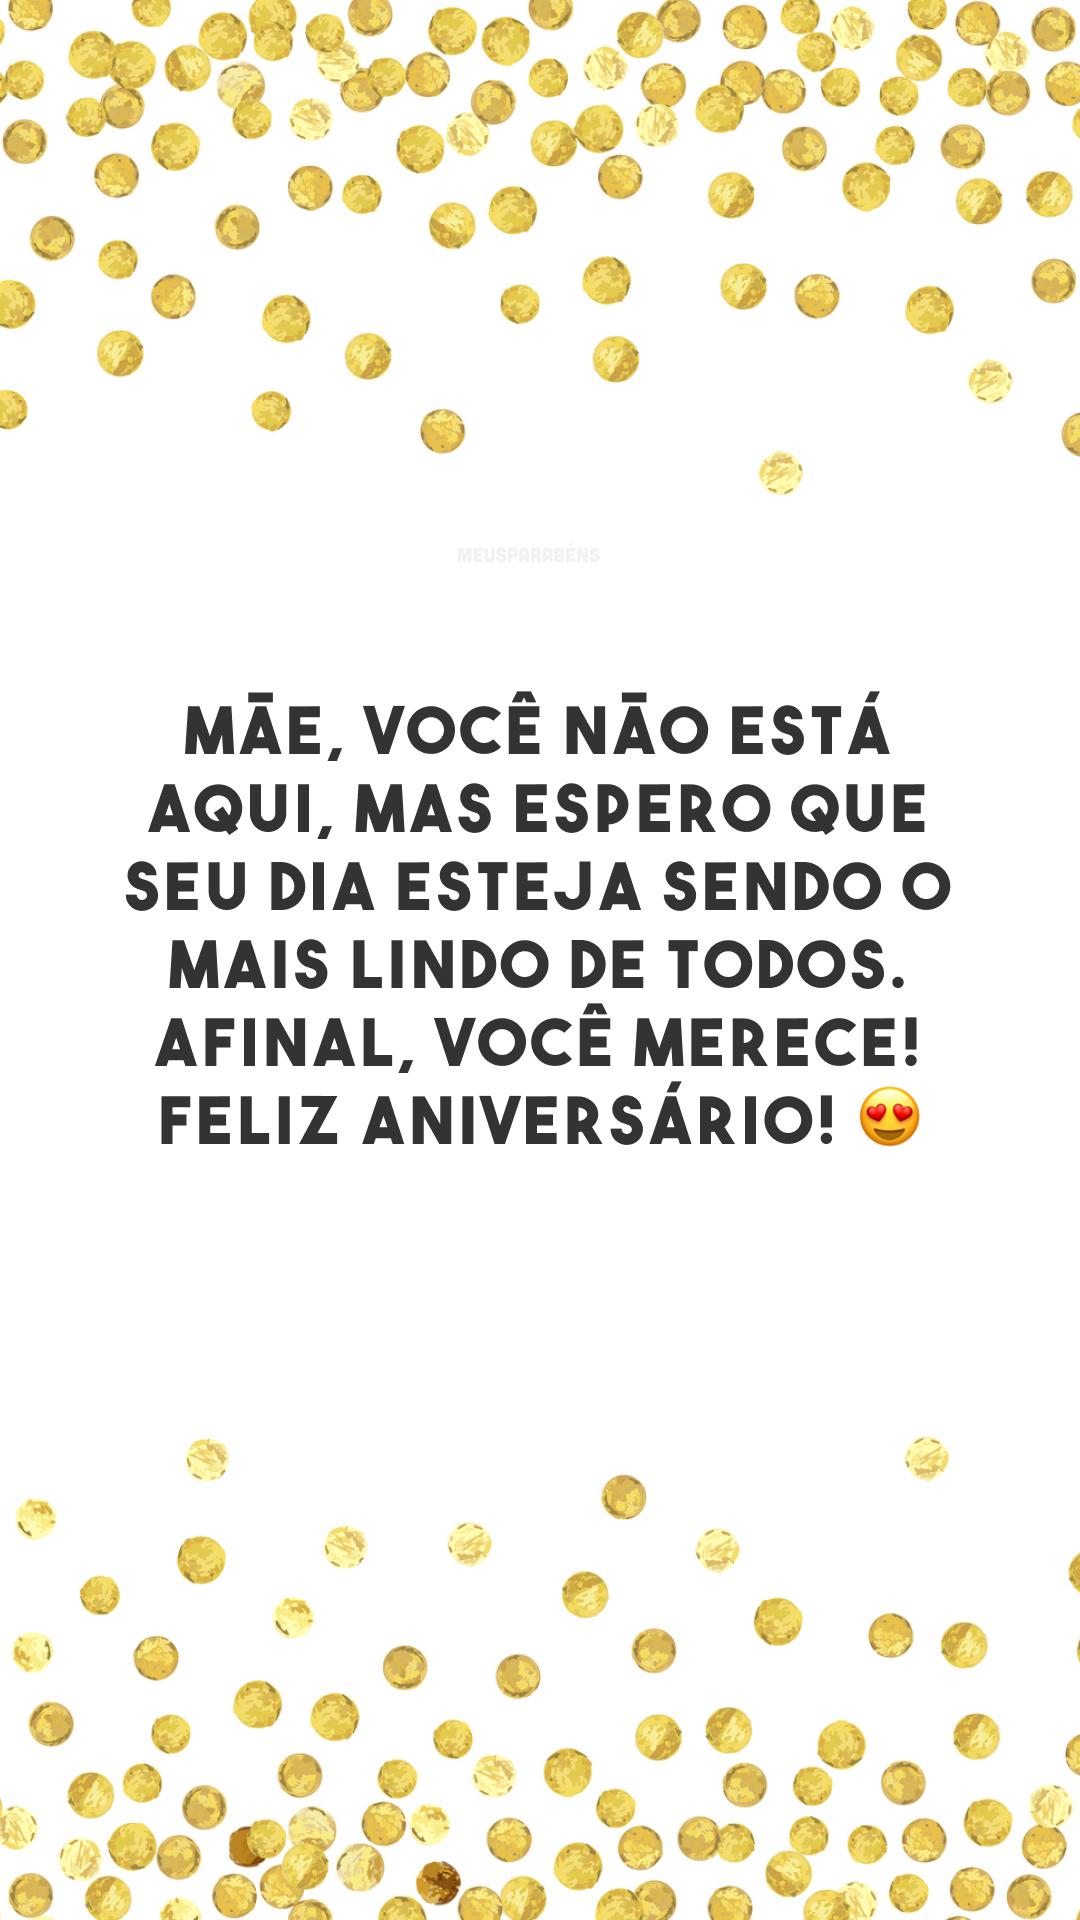 Mãe, você não está aqui, mas espero que seu dia esteja sendo o mais lindo de todos. Afinal, você merece! Feliz aniversário! 😍